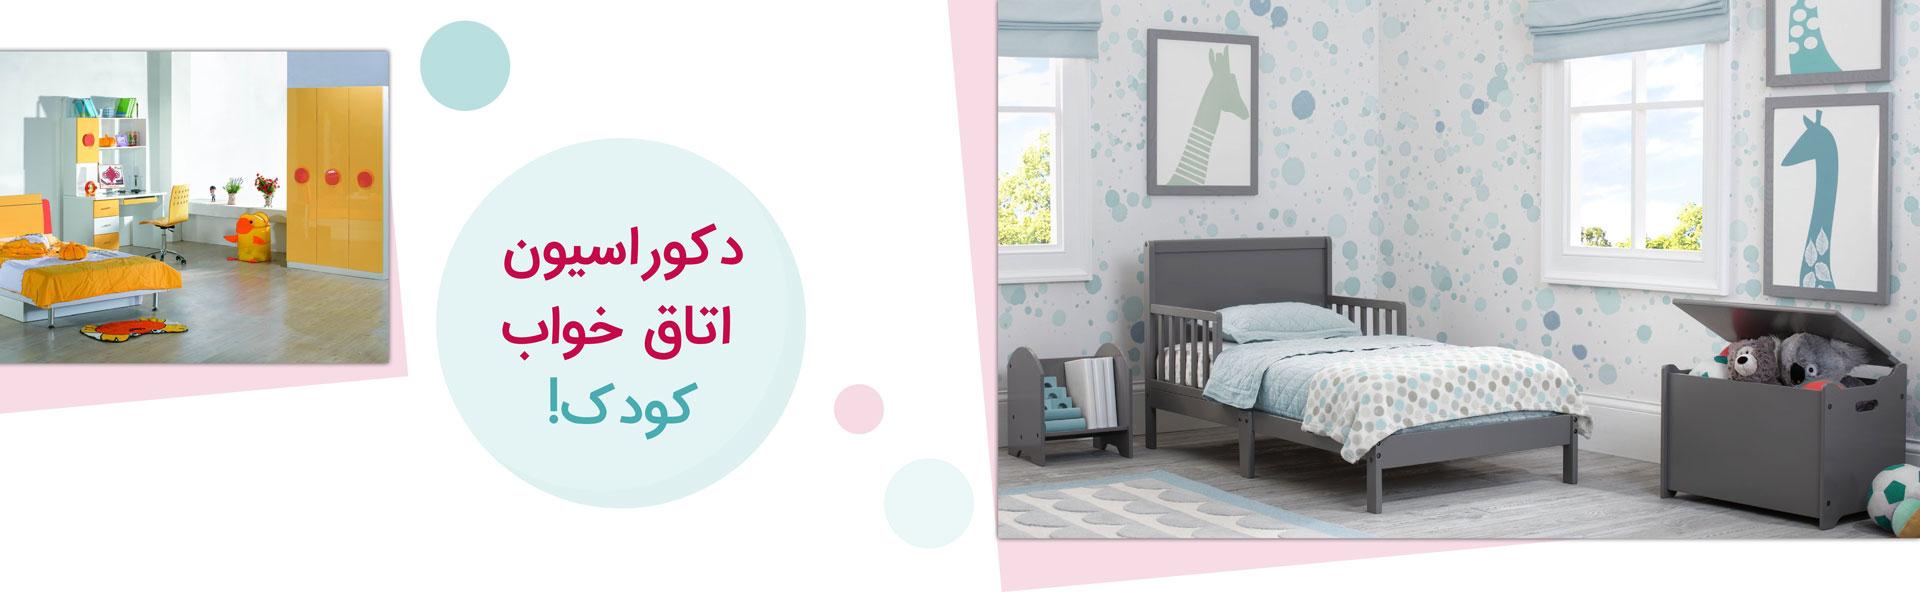 kids bedroom 1 - طراحی اتاق خواب کودک شیک